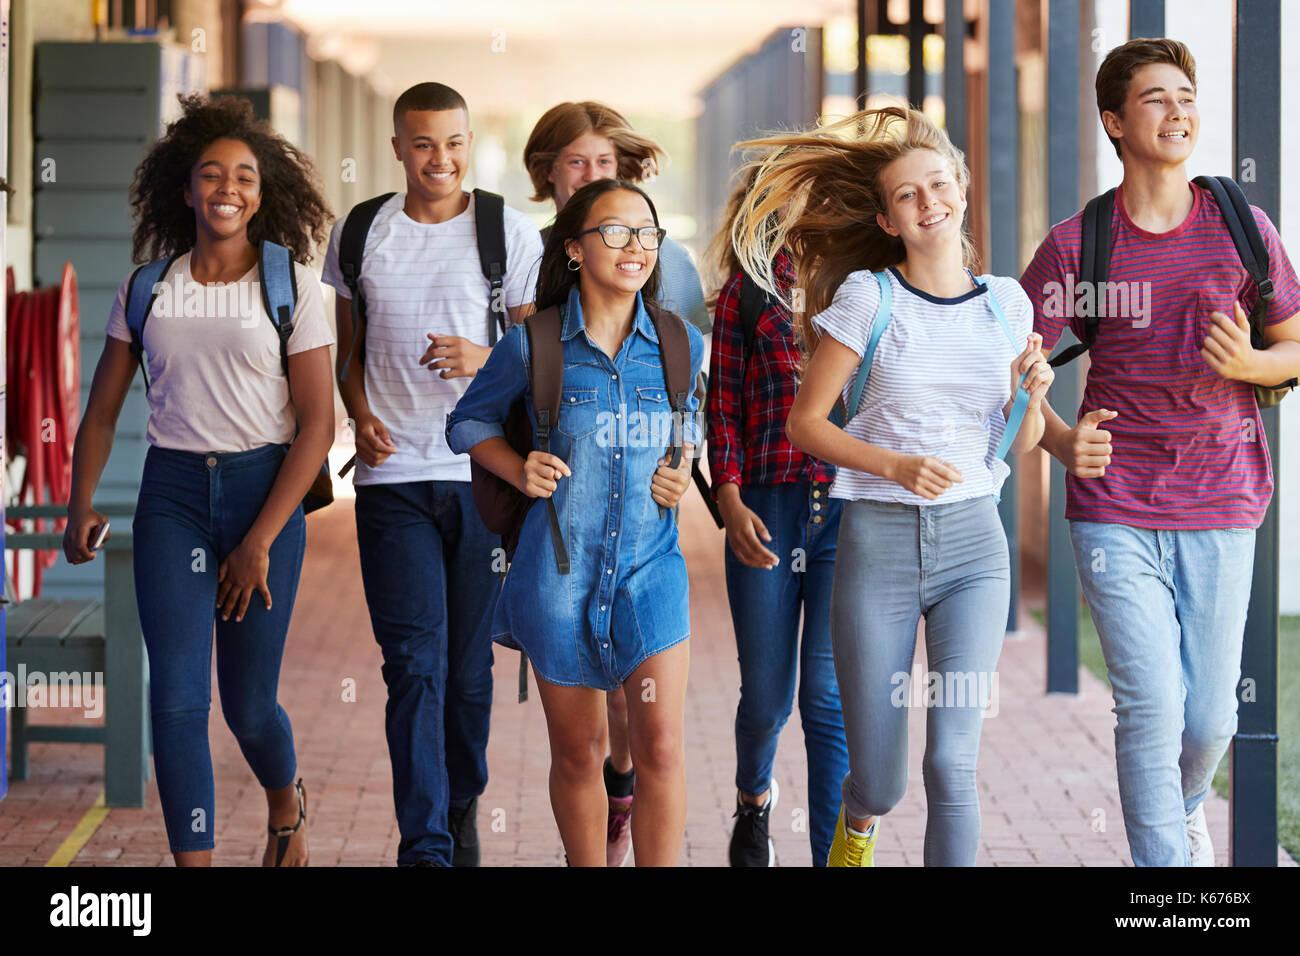 Teenager school kids running in high school hallway - Stock Image